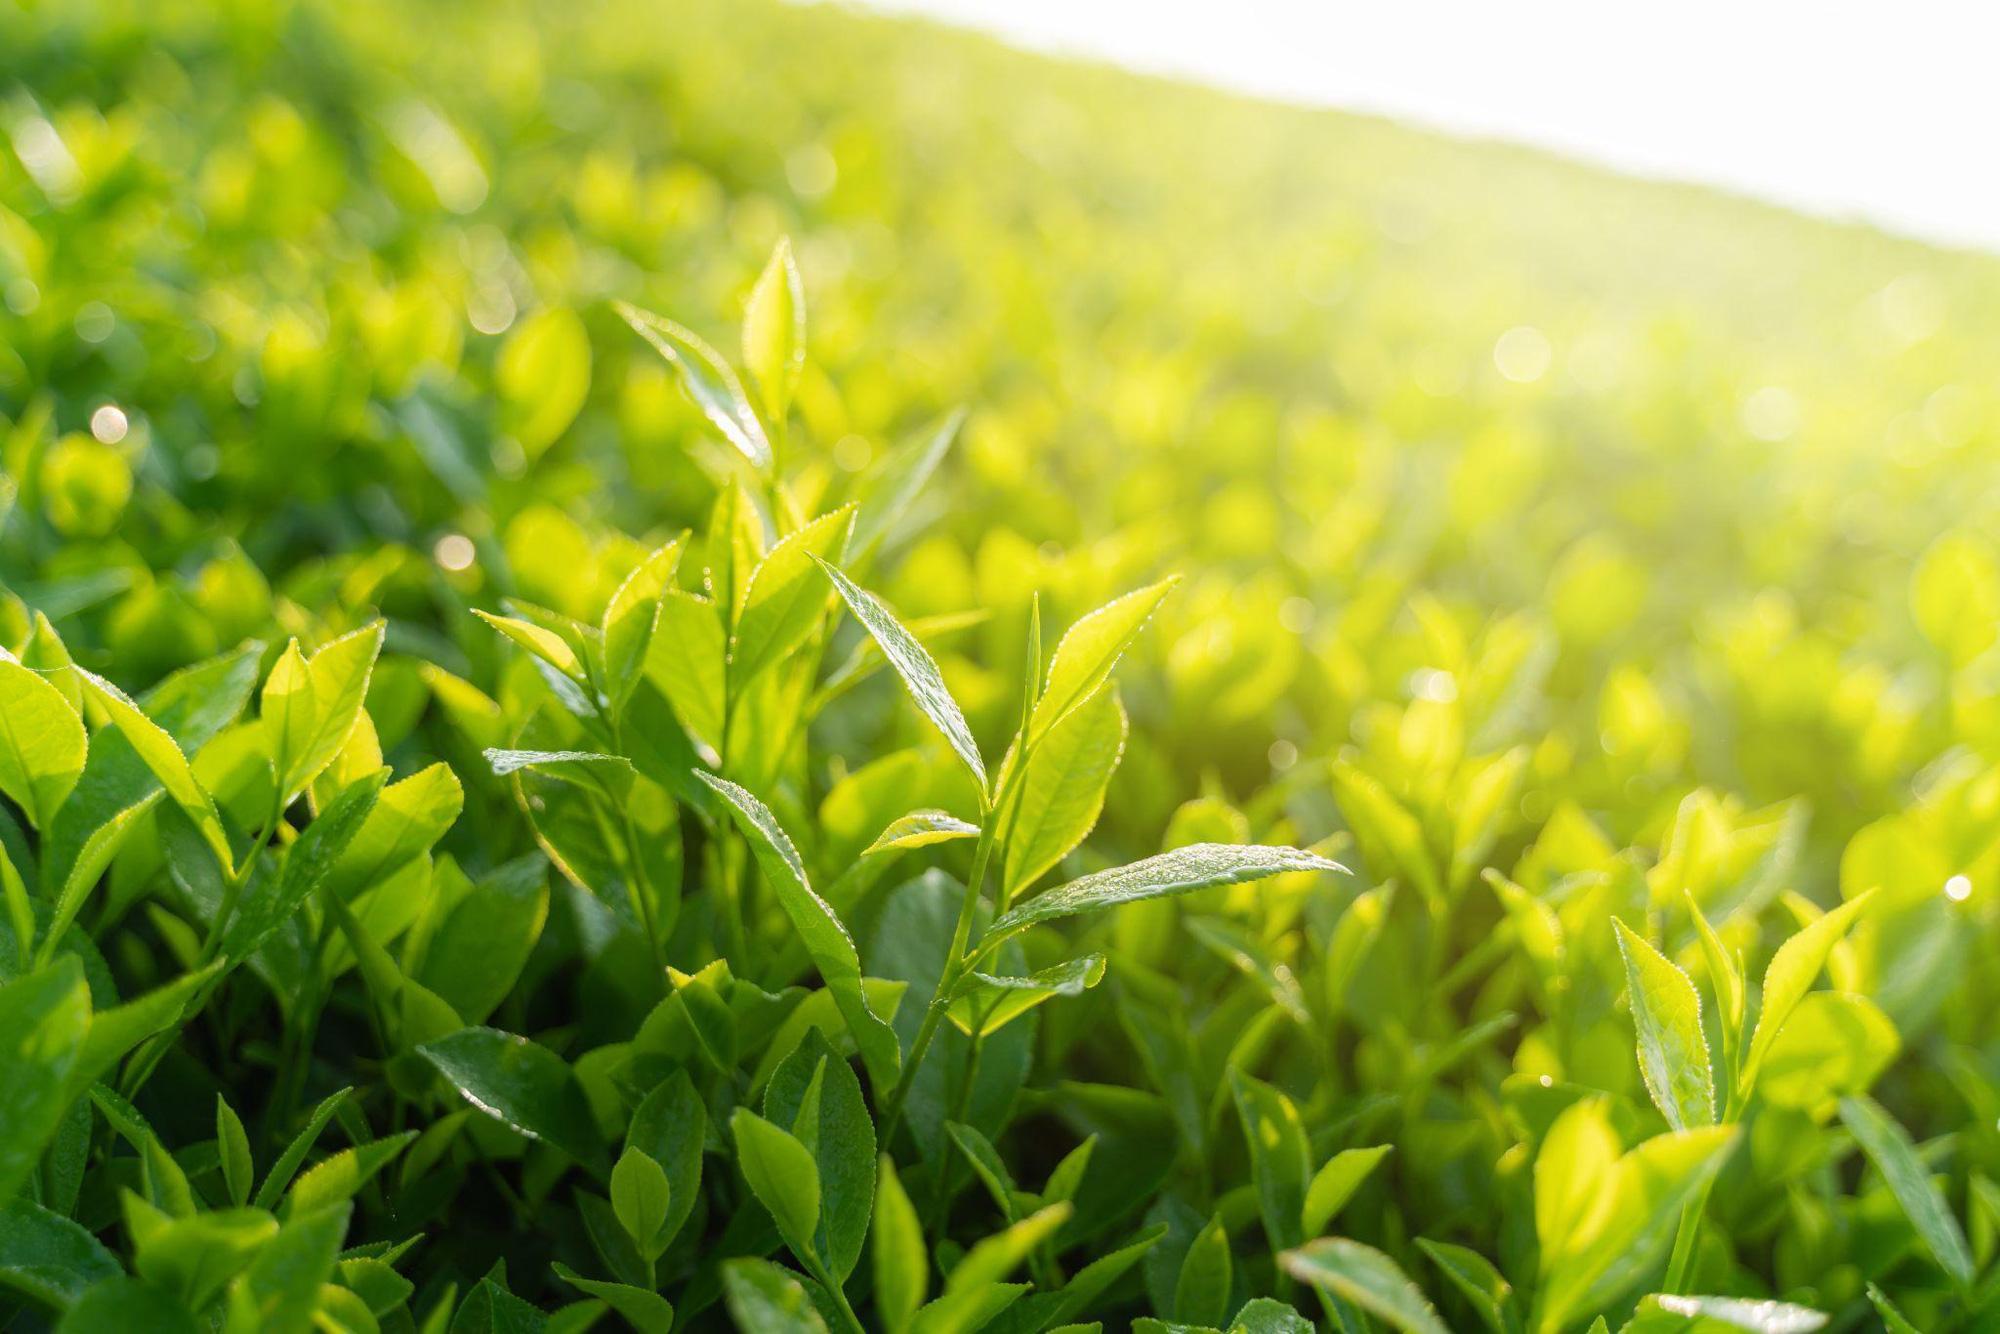 Uống trà mỗi ngày, cơ thể bạn sẽ thay đổi tích cực ra sao? - Ảnh 1.